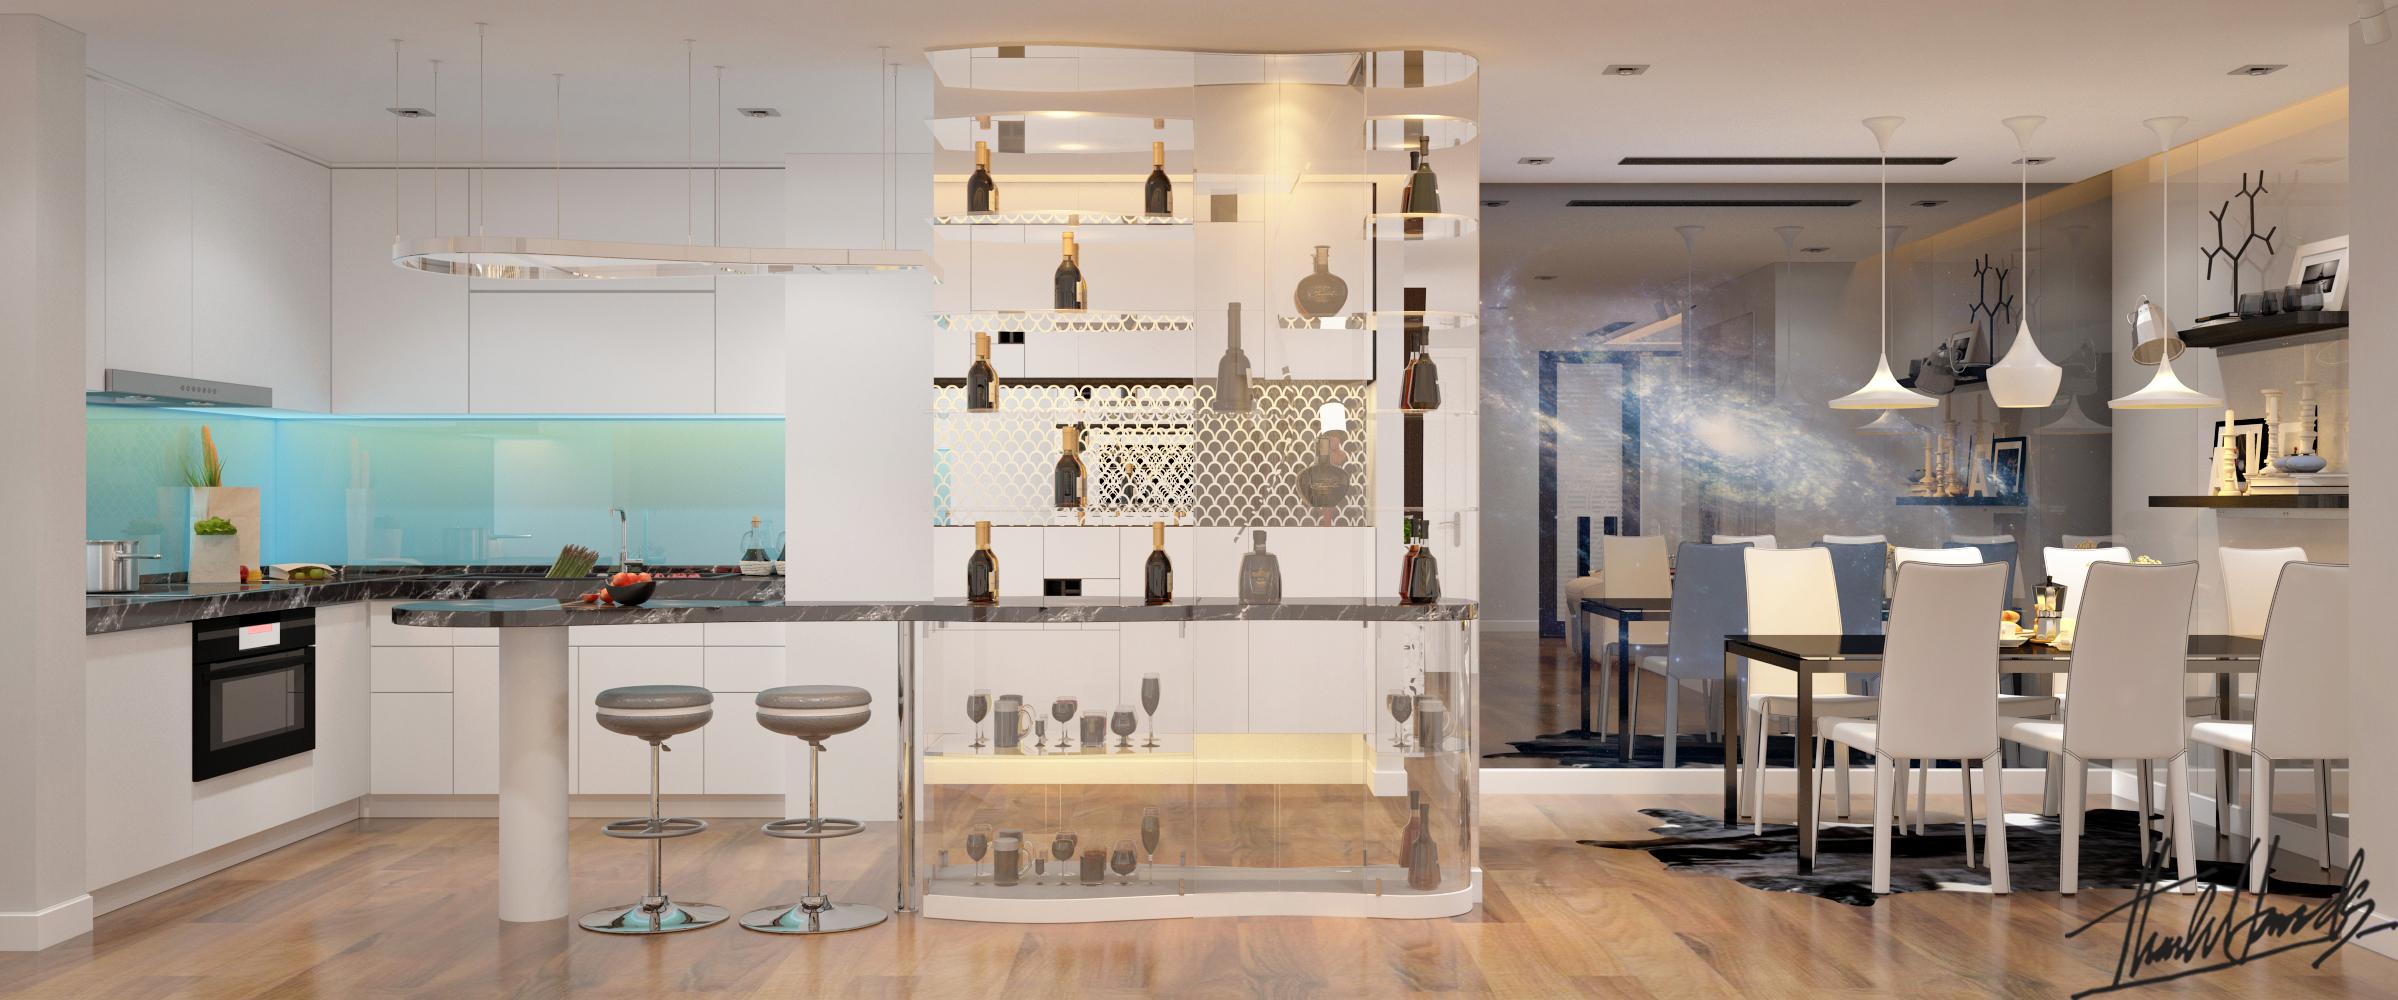 thiết kế nội thất chung cư tại Hà Nội Chung Cư Diamond Flower 2 1568274025